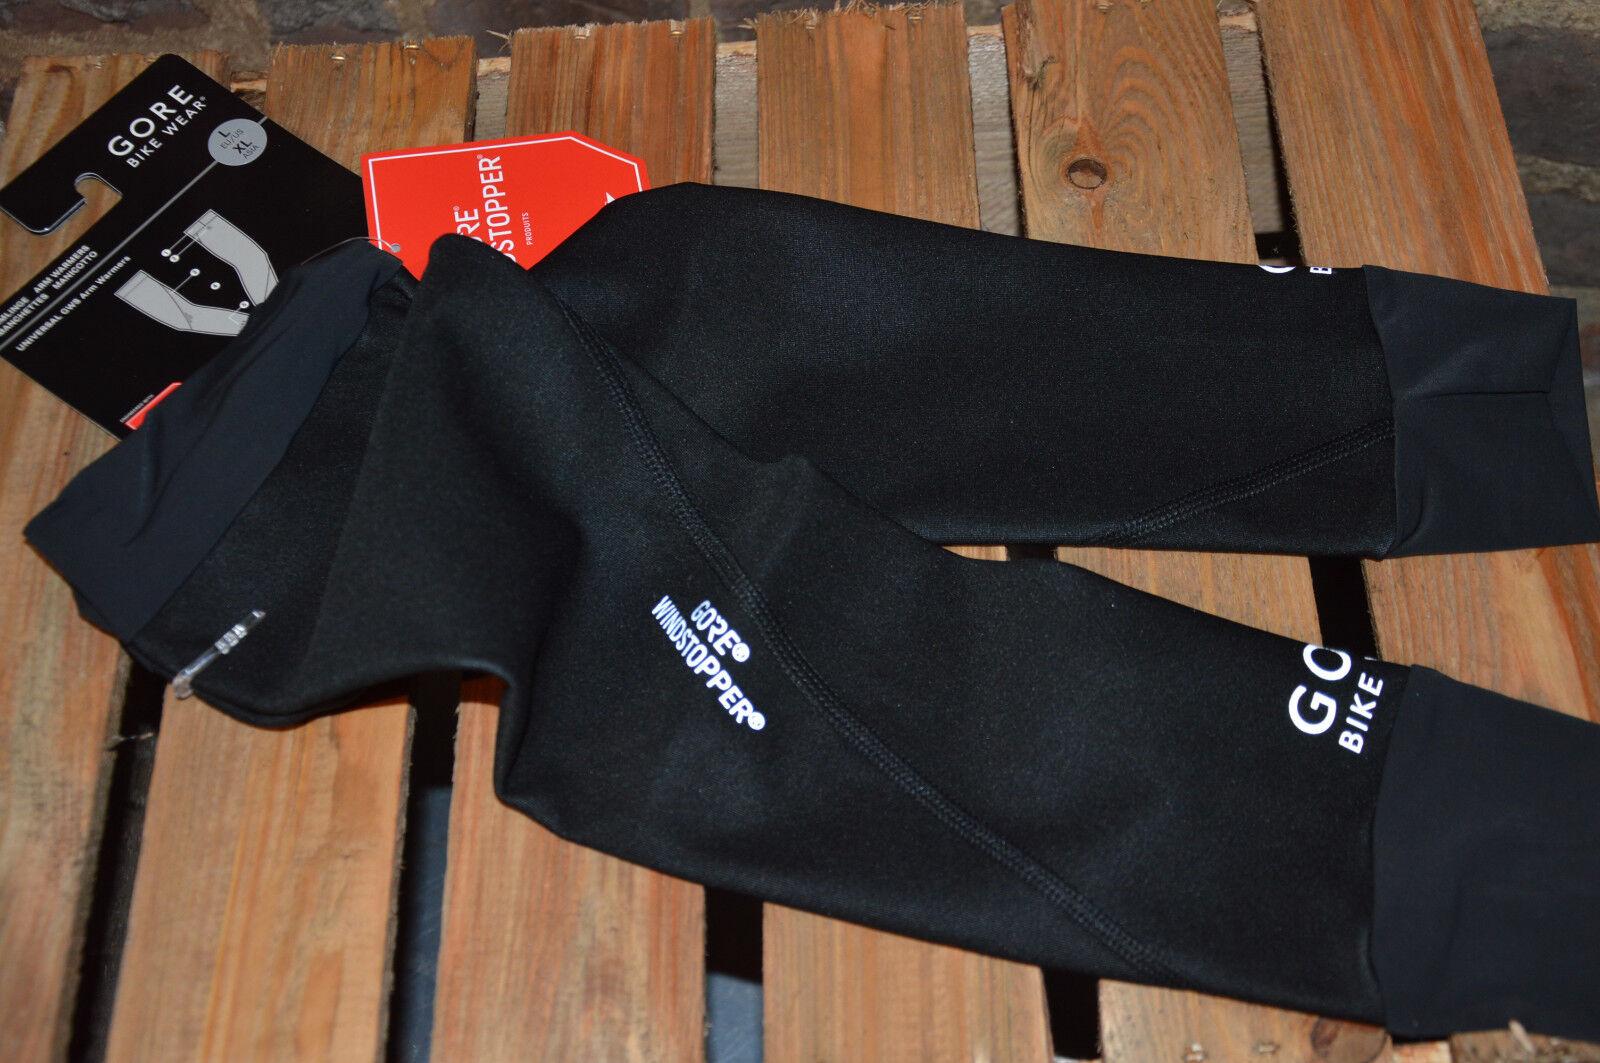 Gore Bike Wear Armlinge Universal Windstopper Armlinge Wear wasserabweisend schwarz 3b616c